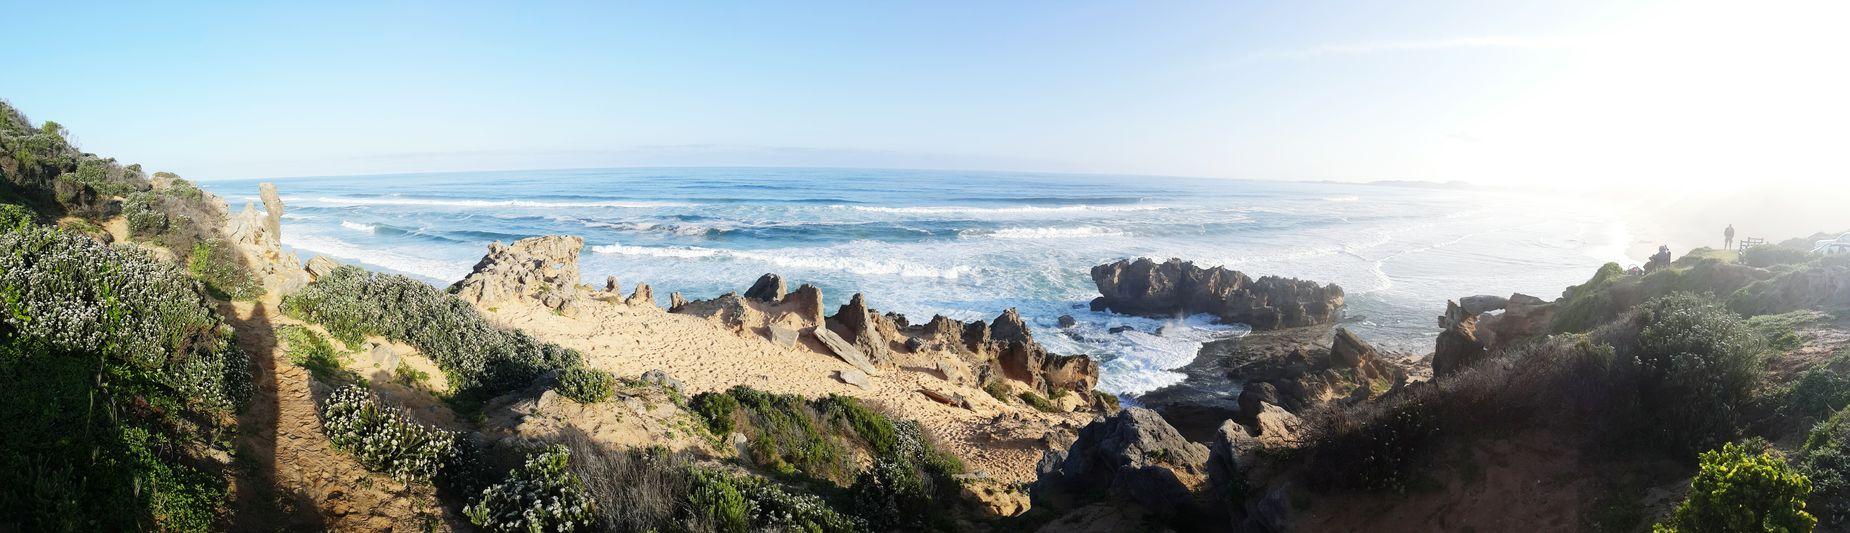 Beach panorama👍✌🌼 Relaxing Stunning Sun Being A Beach Bum Surfing